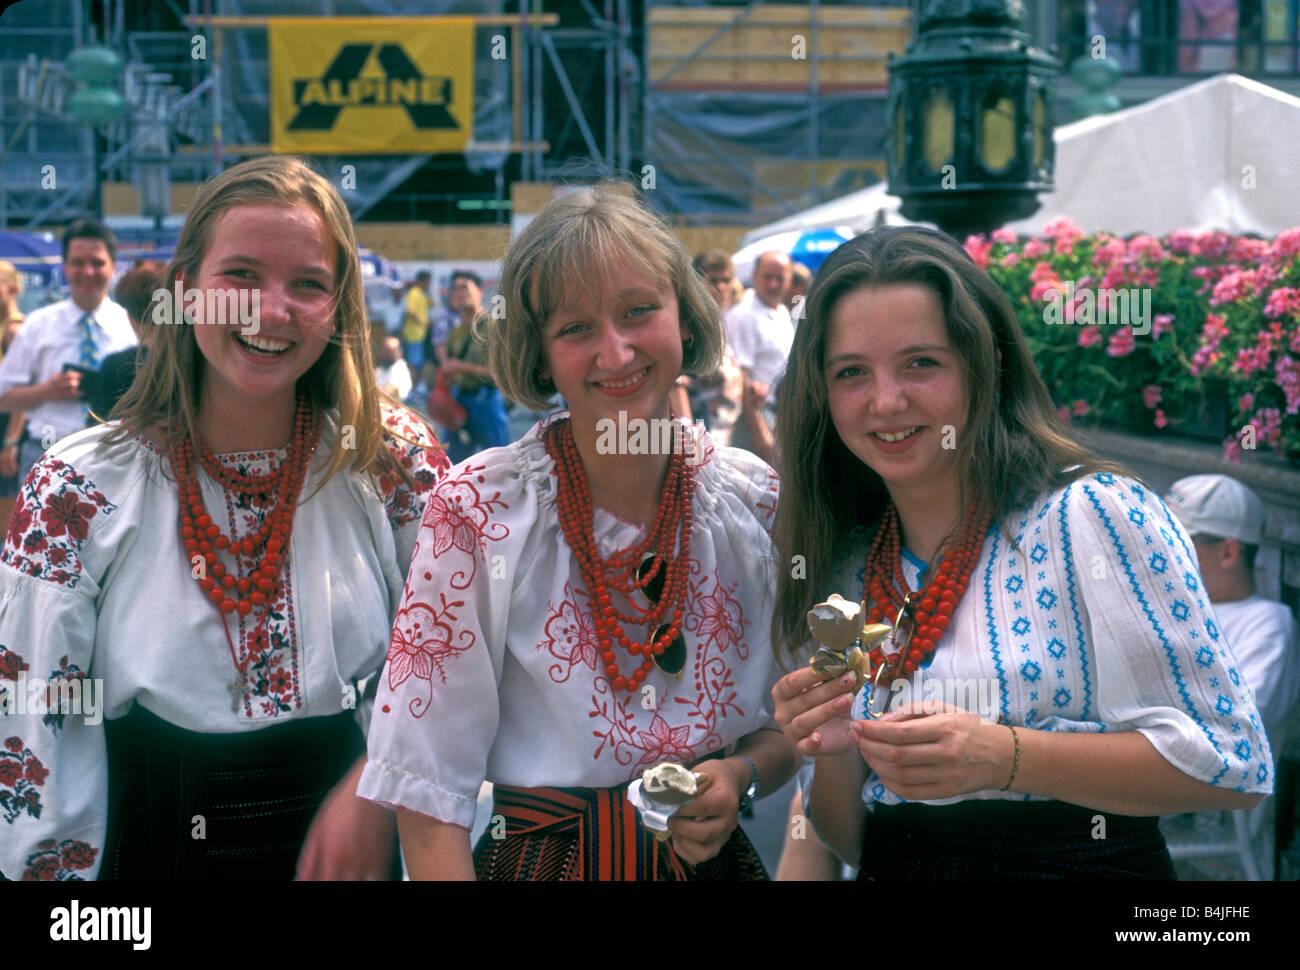 contactos mujeres alemania